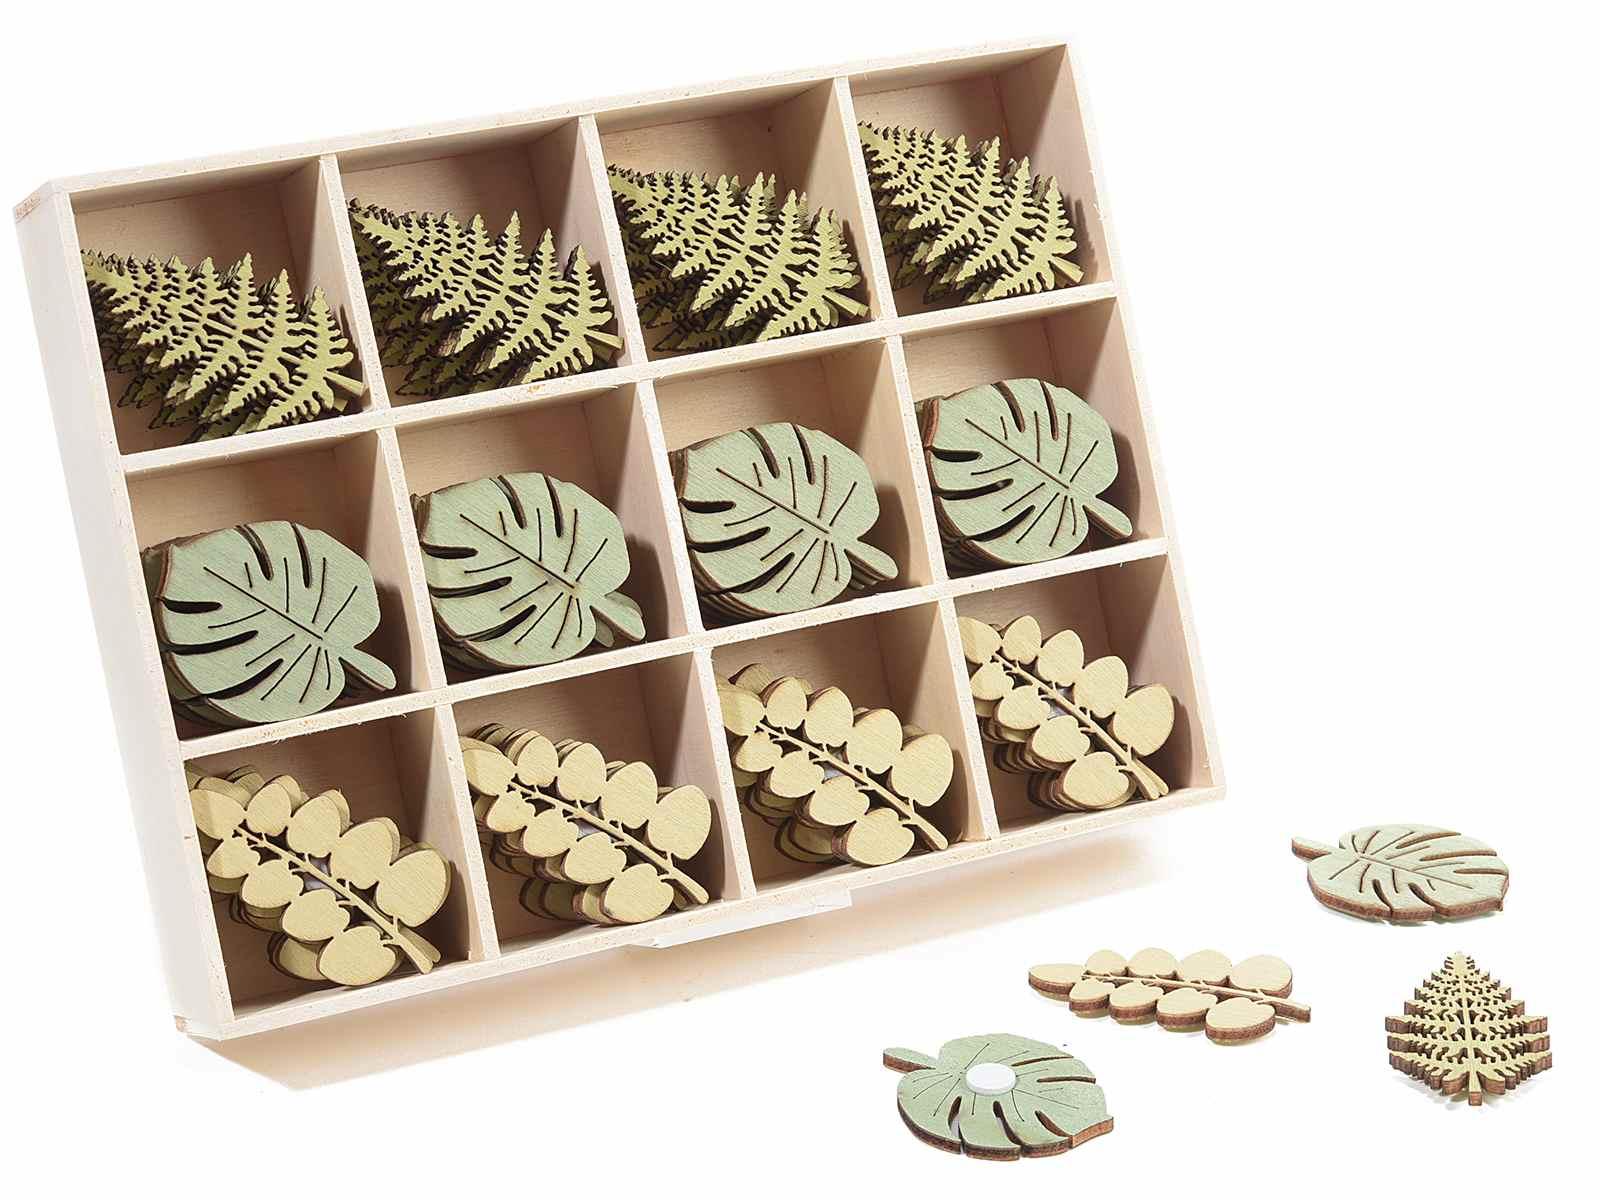 Scatola 96 decorazioni in legno a foglia con adesivo 51 - Decorazioni in legno ...